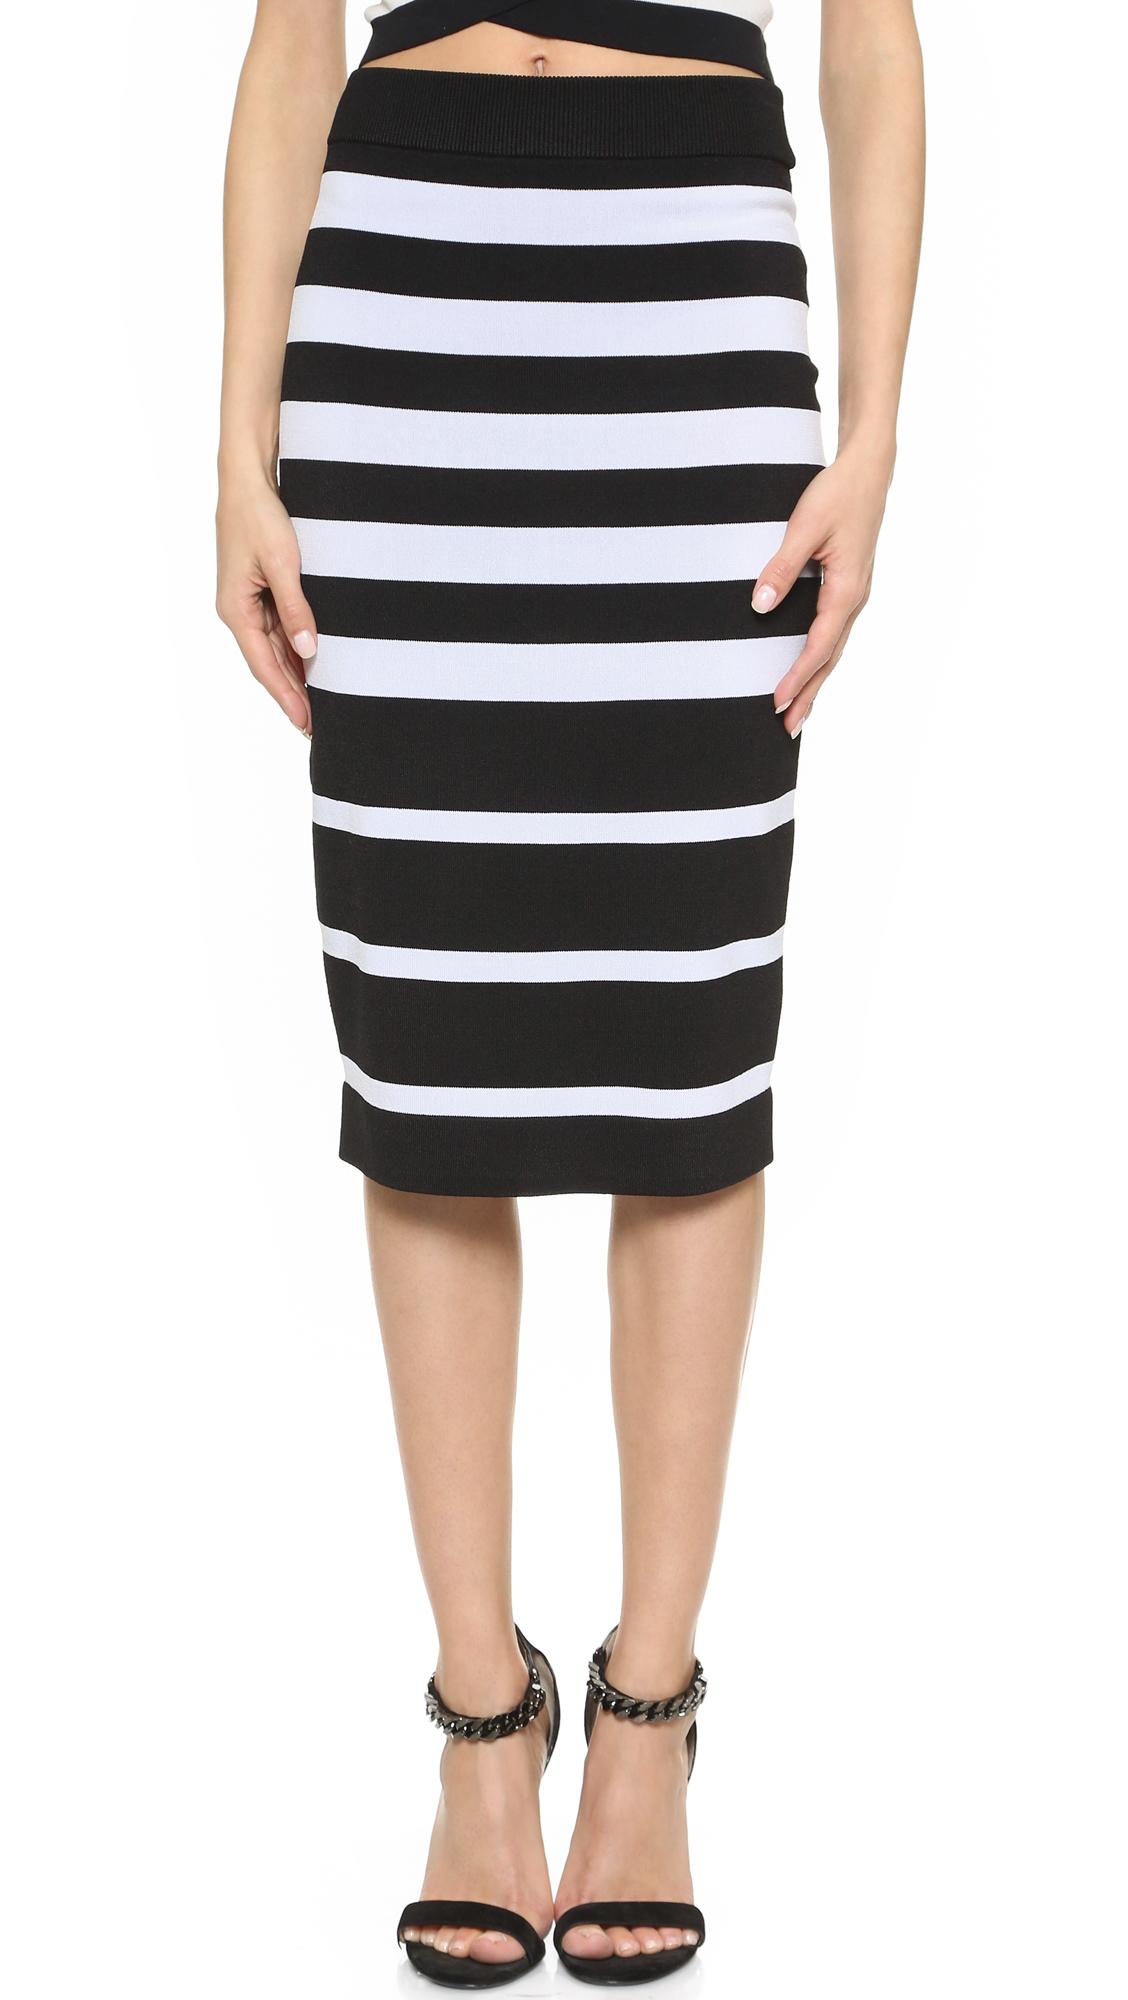 Striped Pull On Tube Skirt Black White